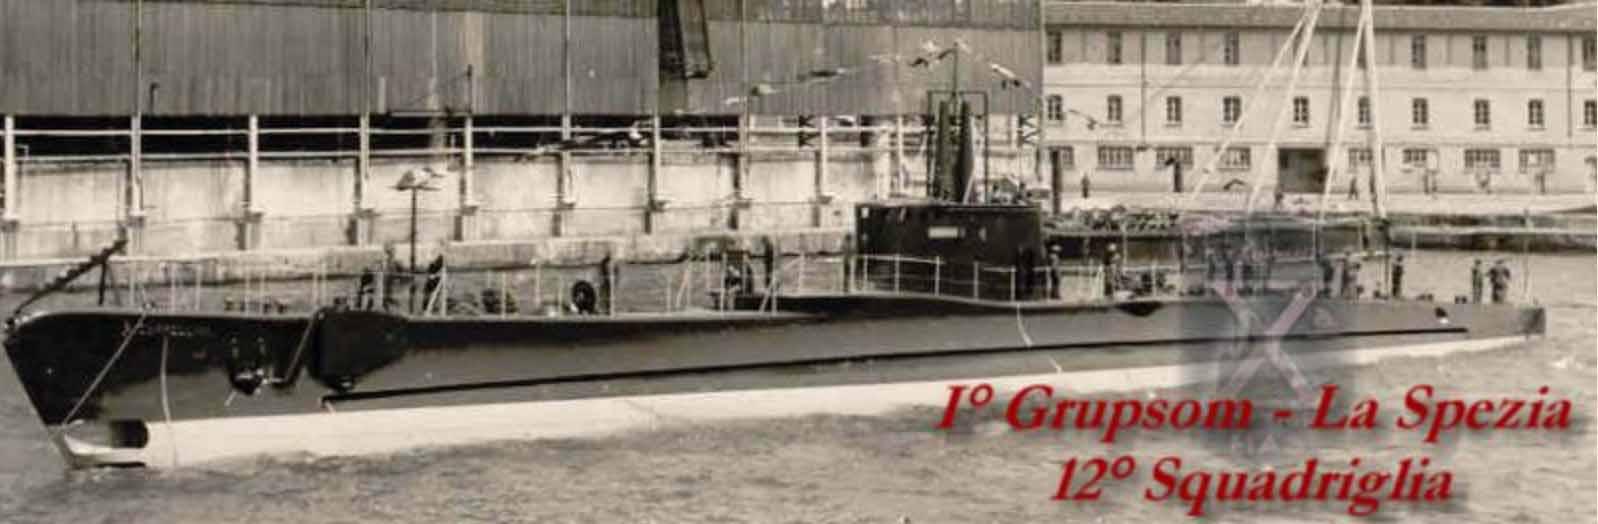 カッペリーニ潜水艦